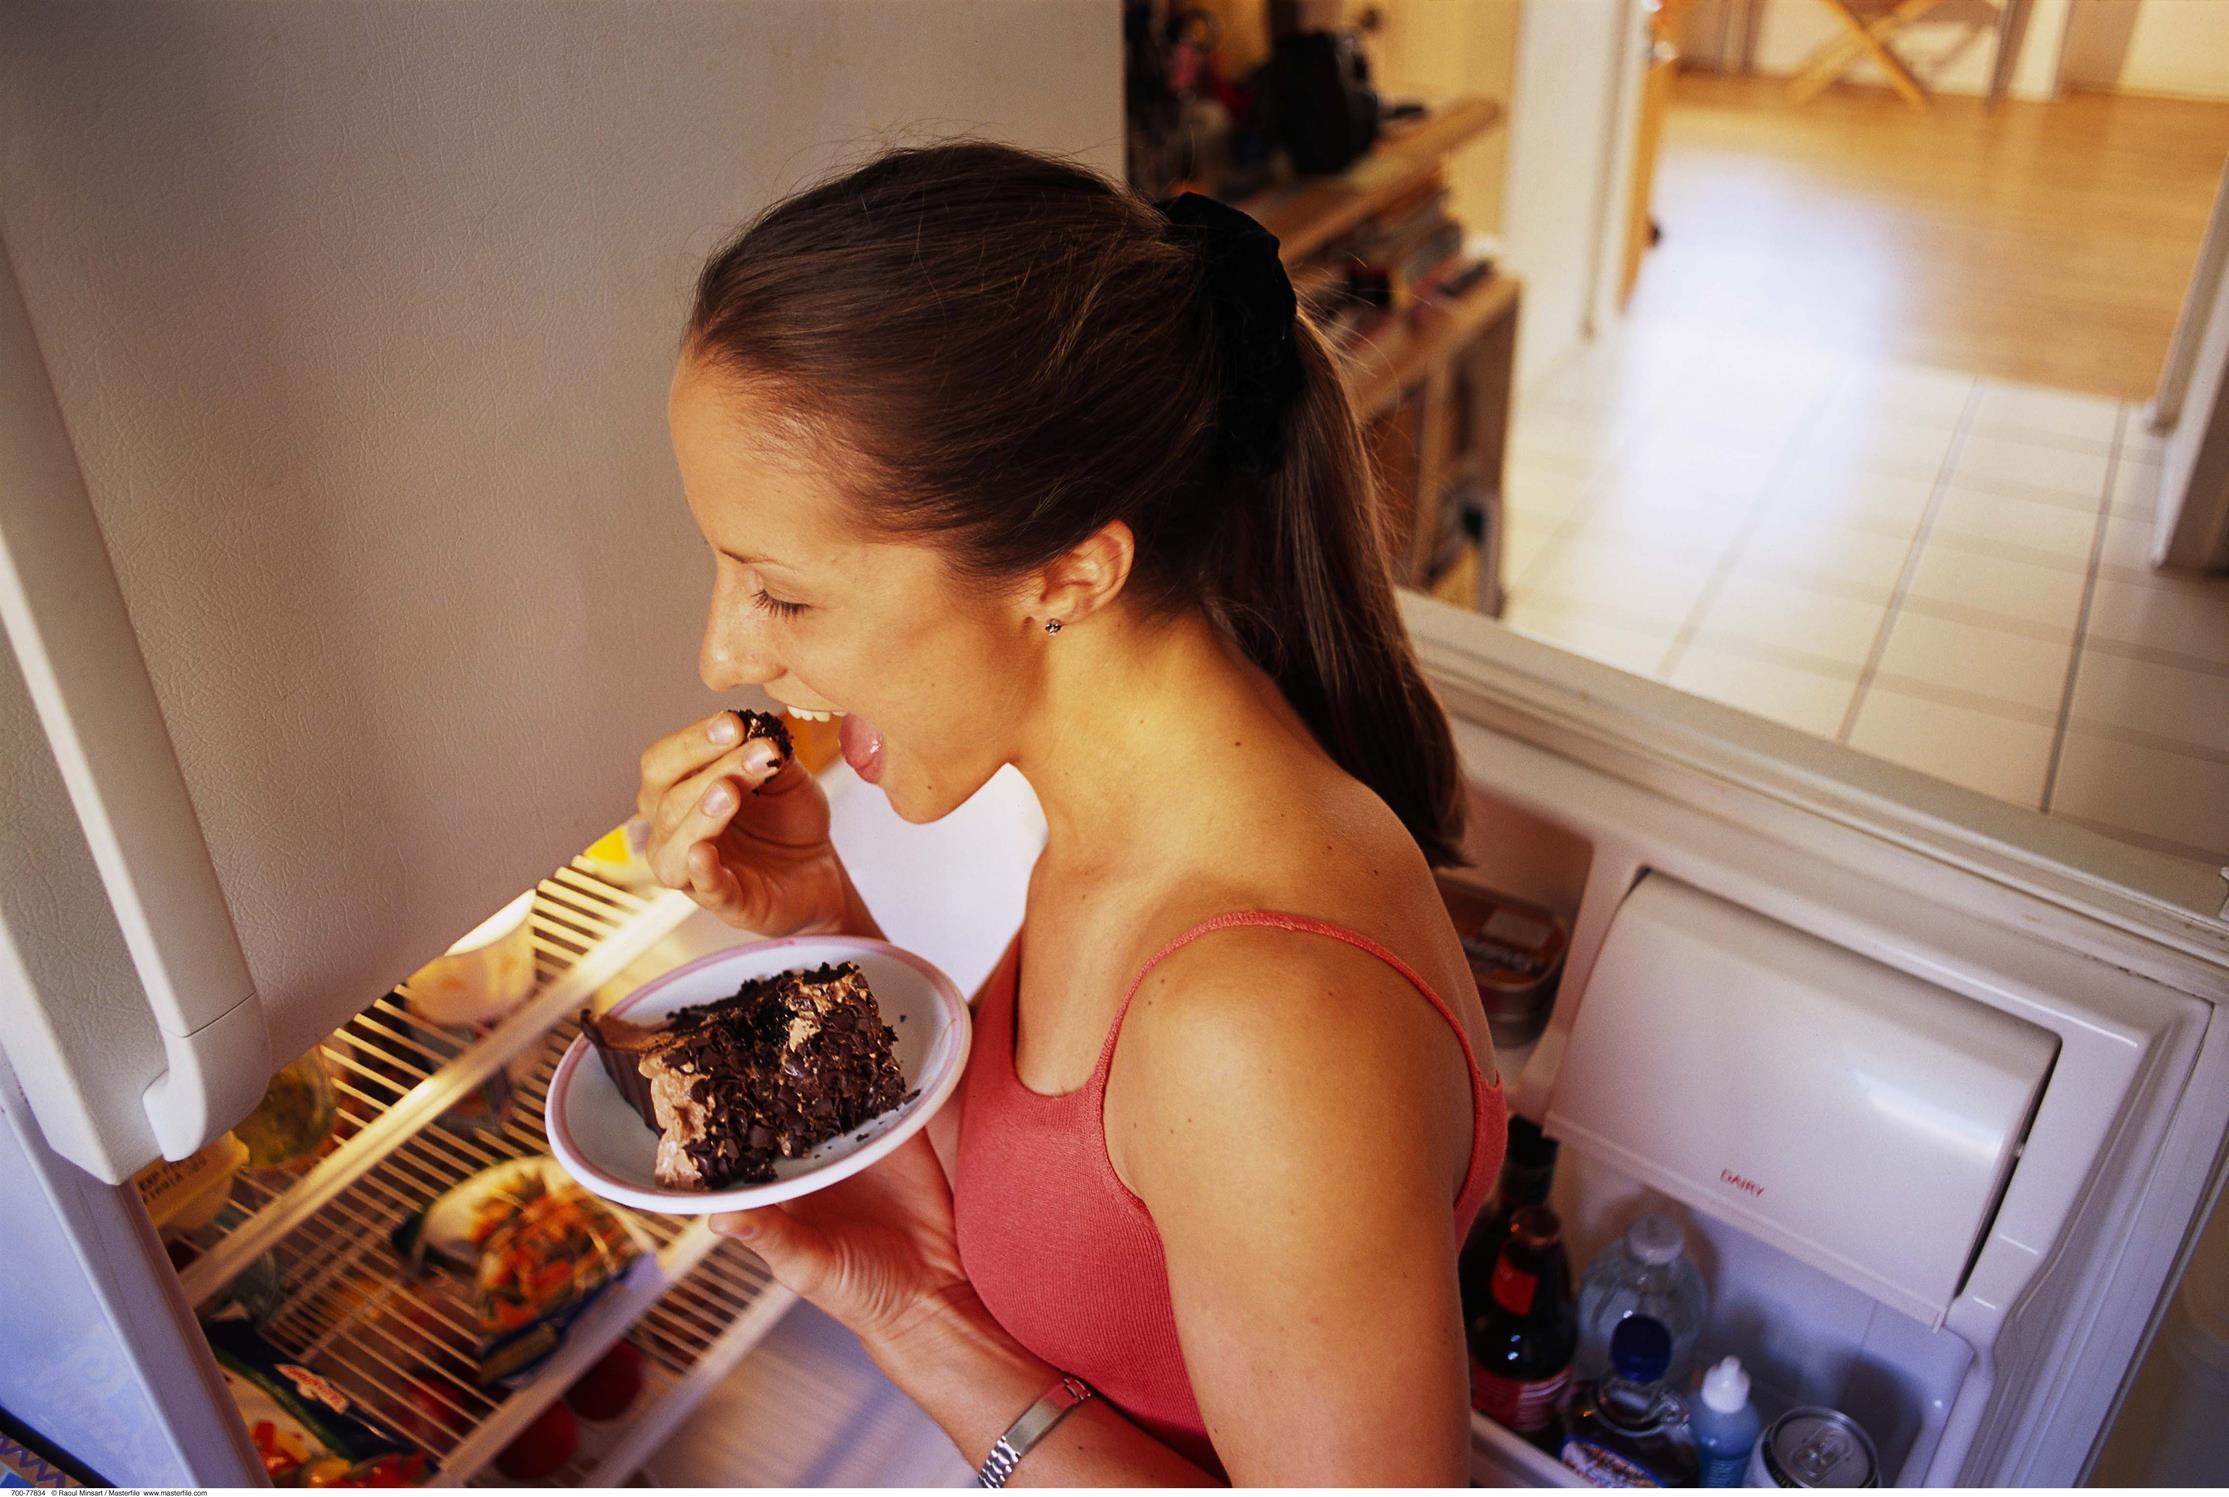 صور طعام food - صور أكل للدعايه والاعلان والمطابع